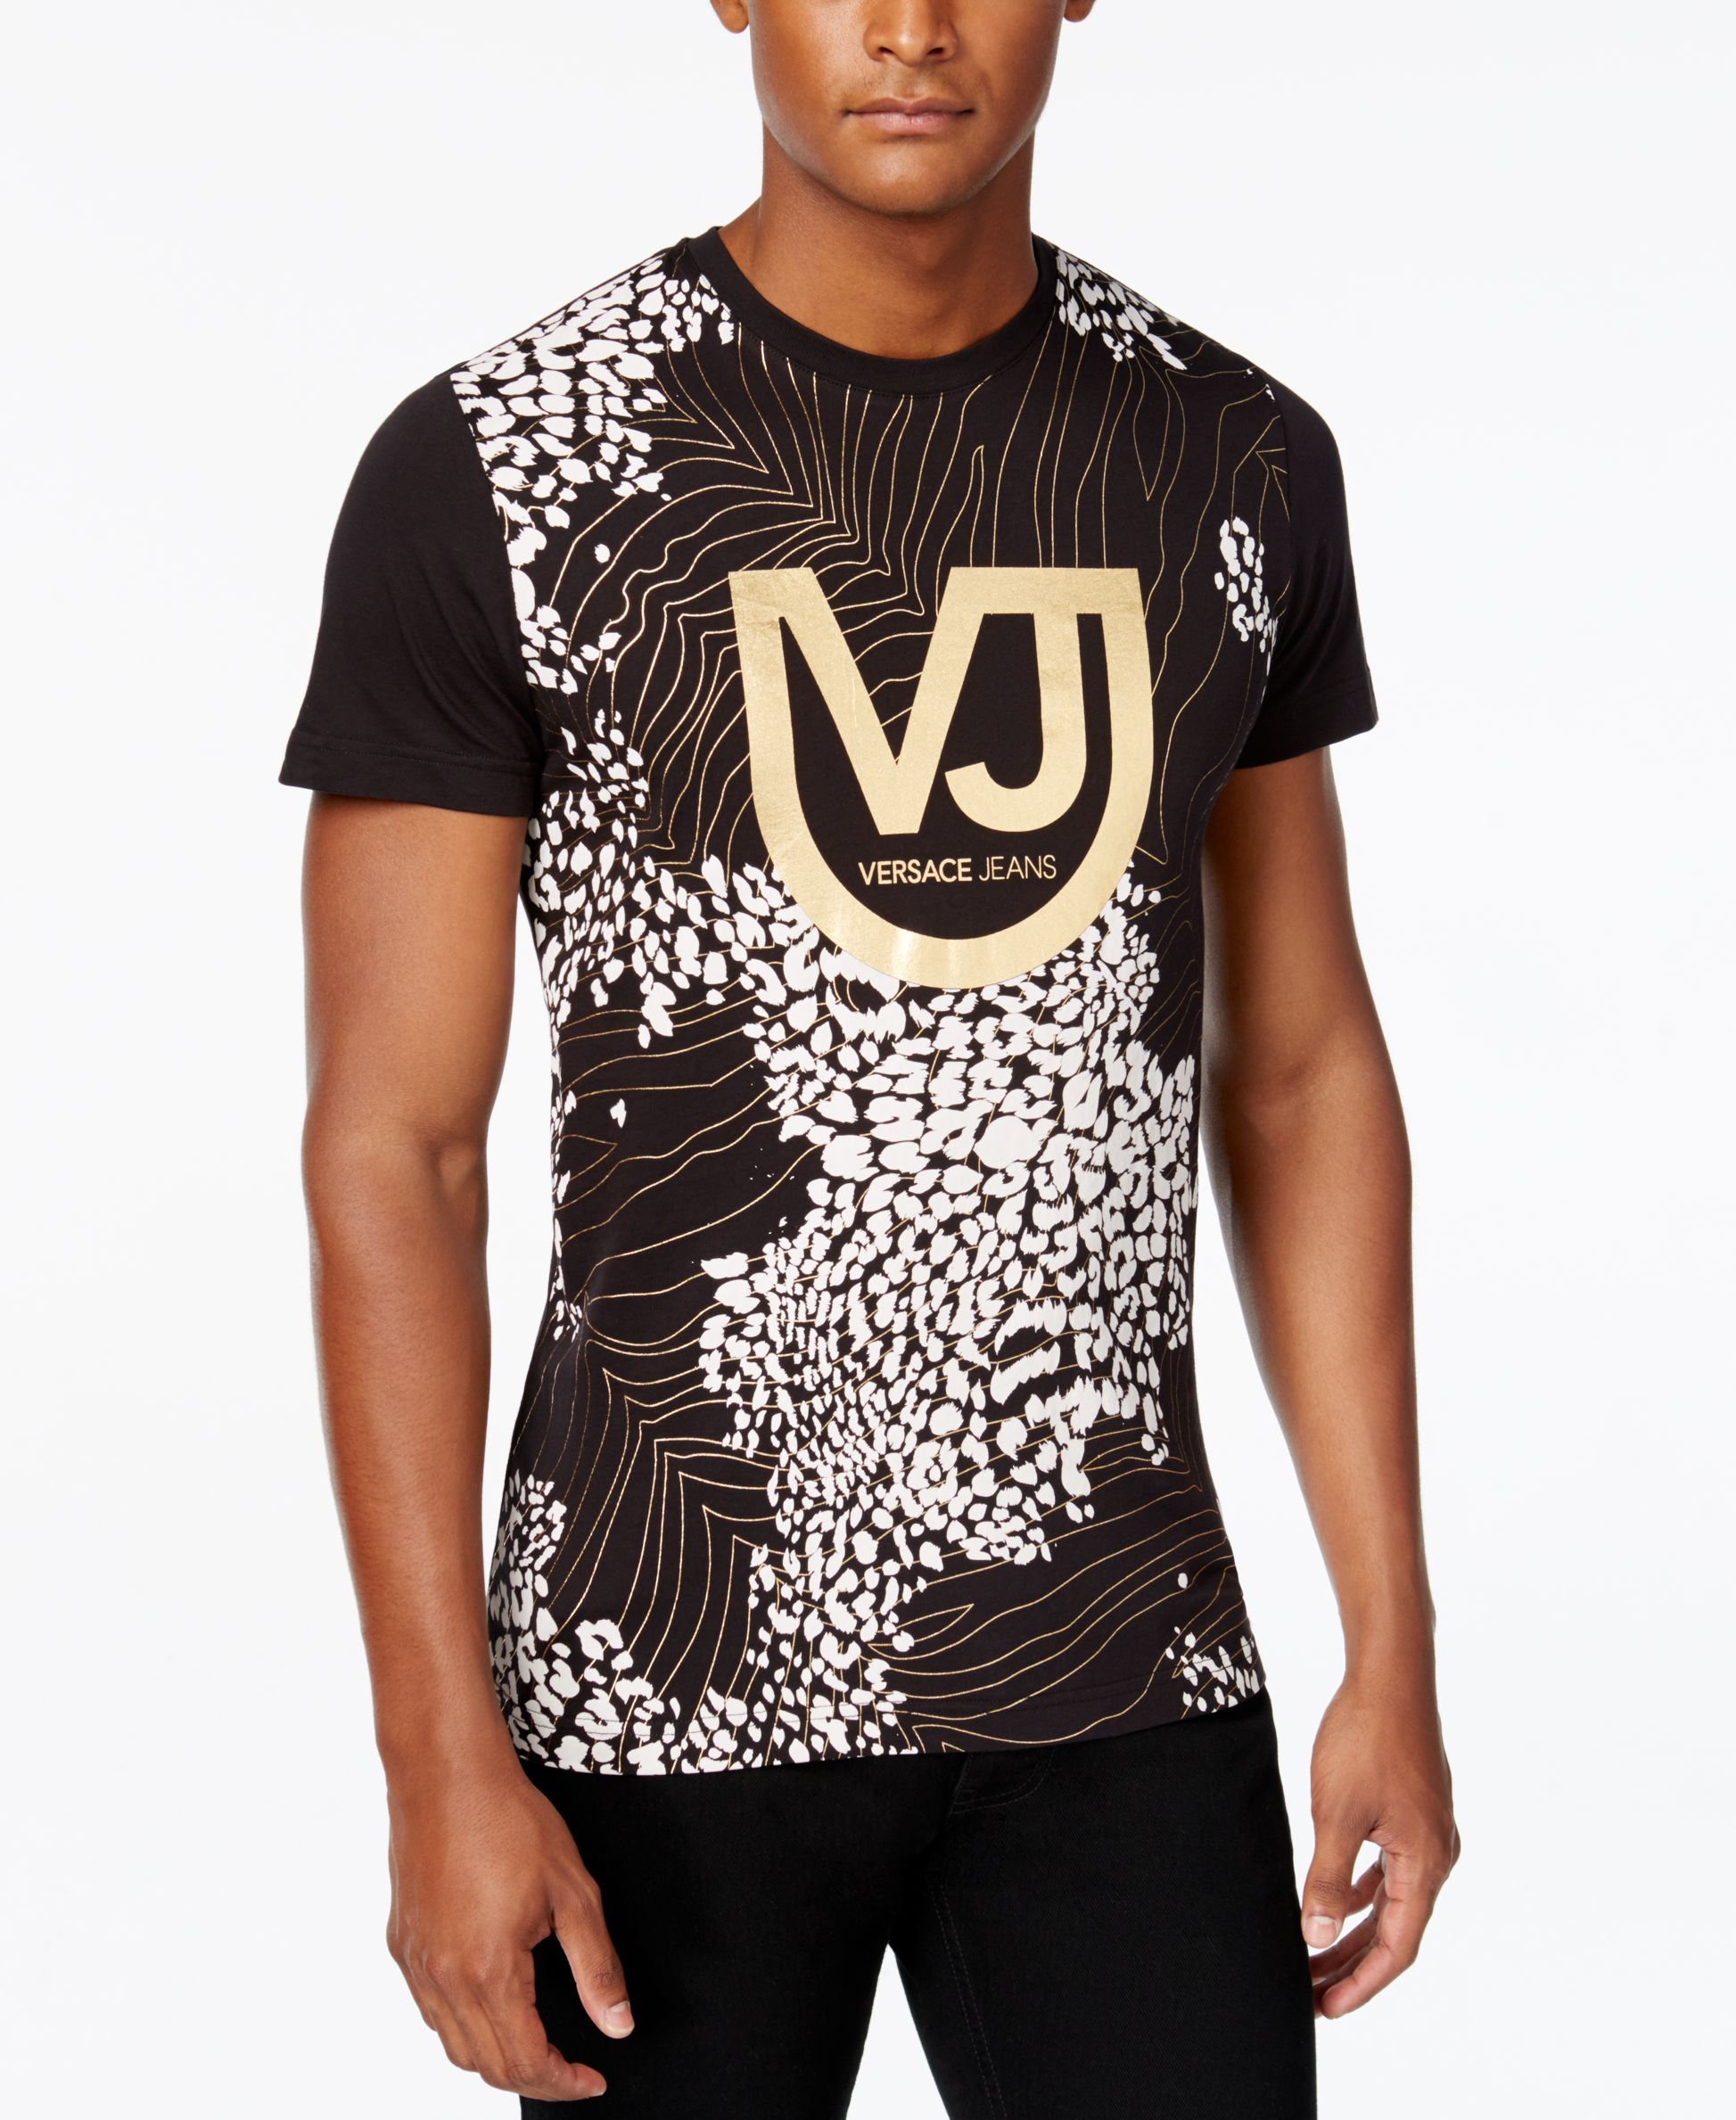 6d5de61af6c3 Versace Jeans Men s Graphic-Print T-Shirt